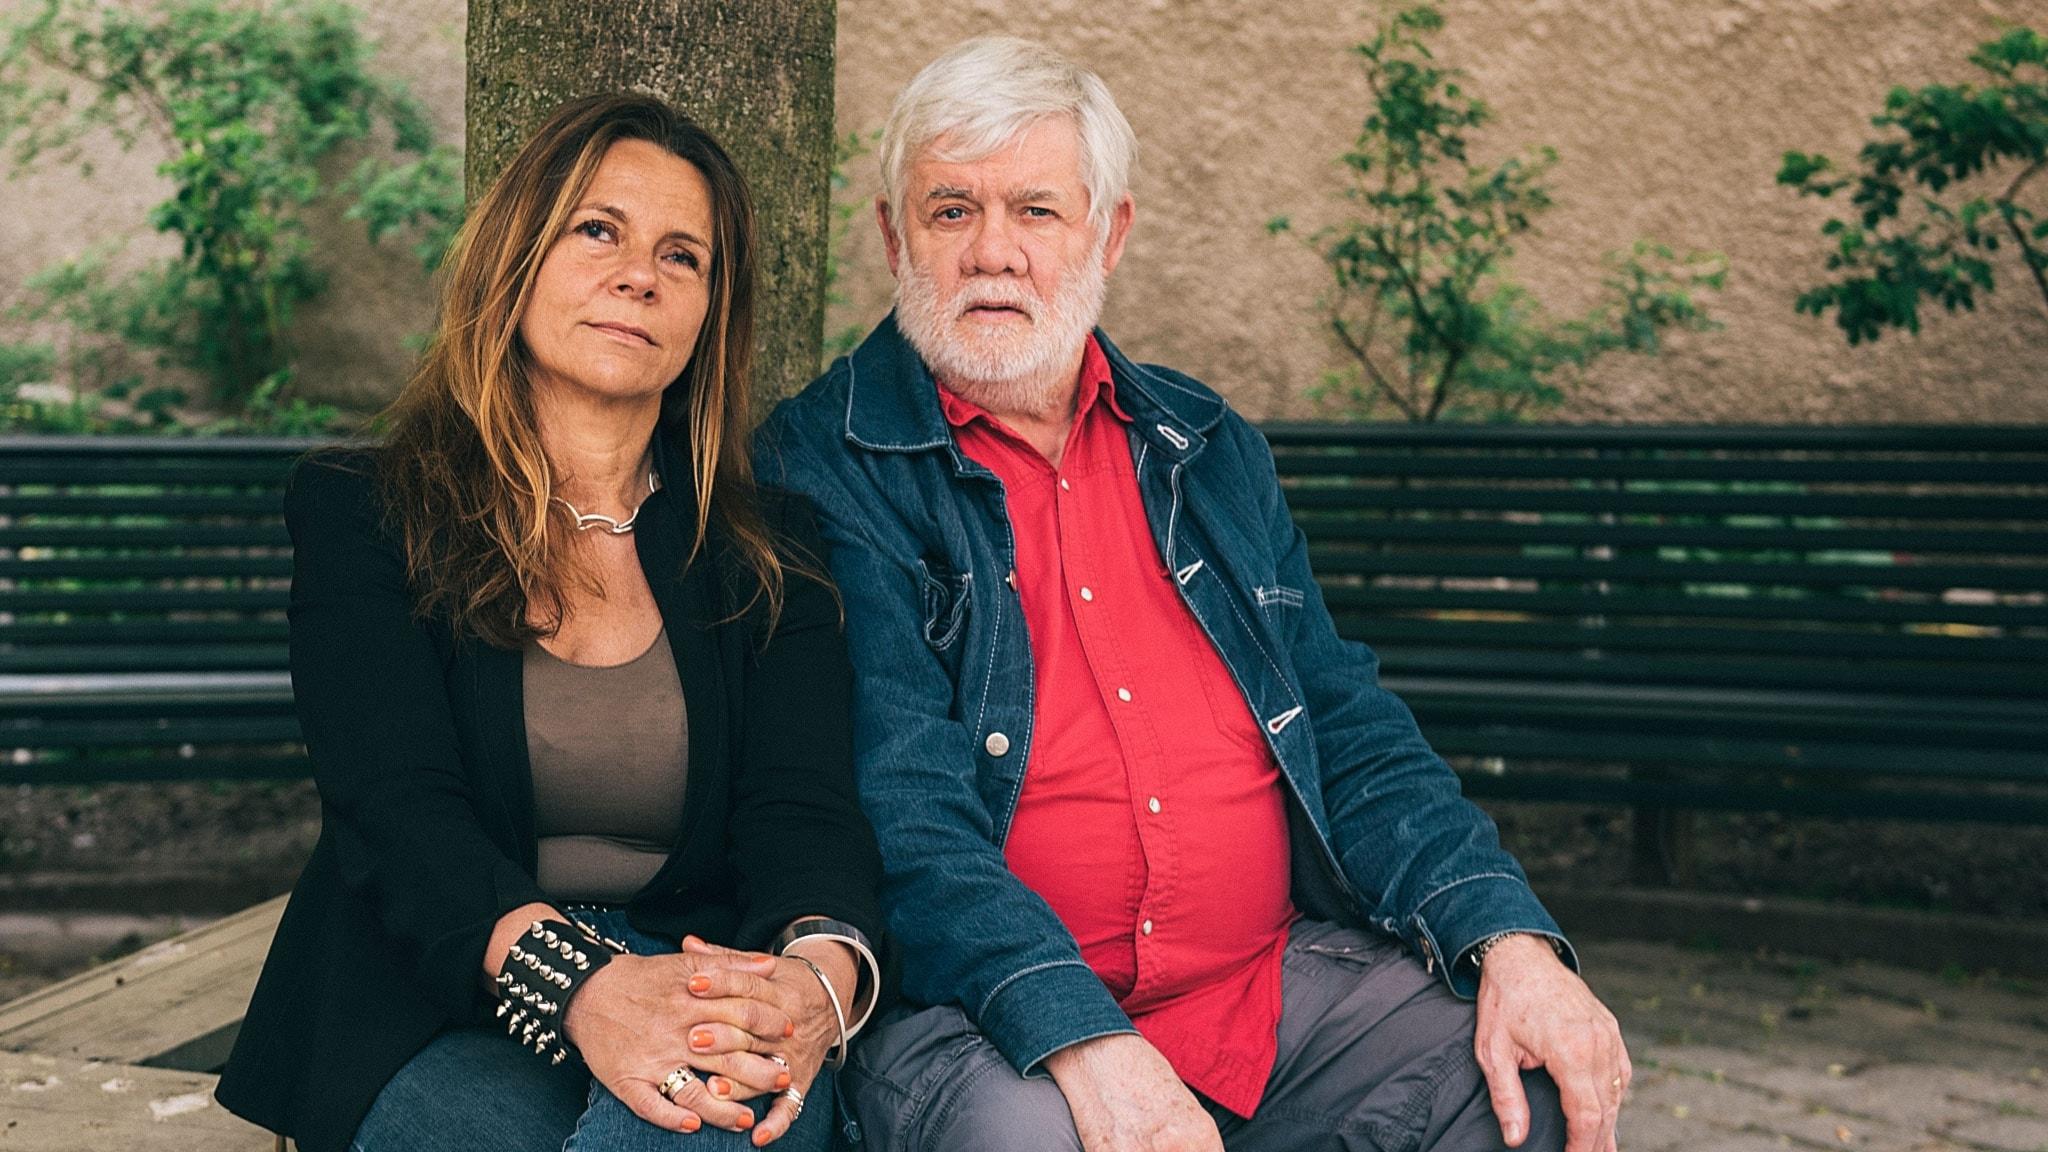 Katarina Hahr möter konstnären Carl Johan De Geer i ett samtal om rädsla